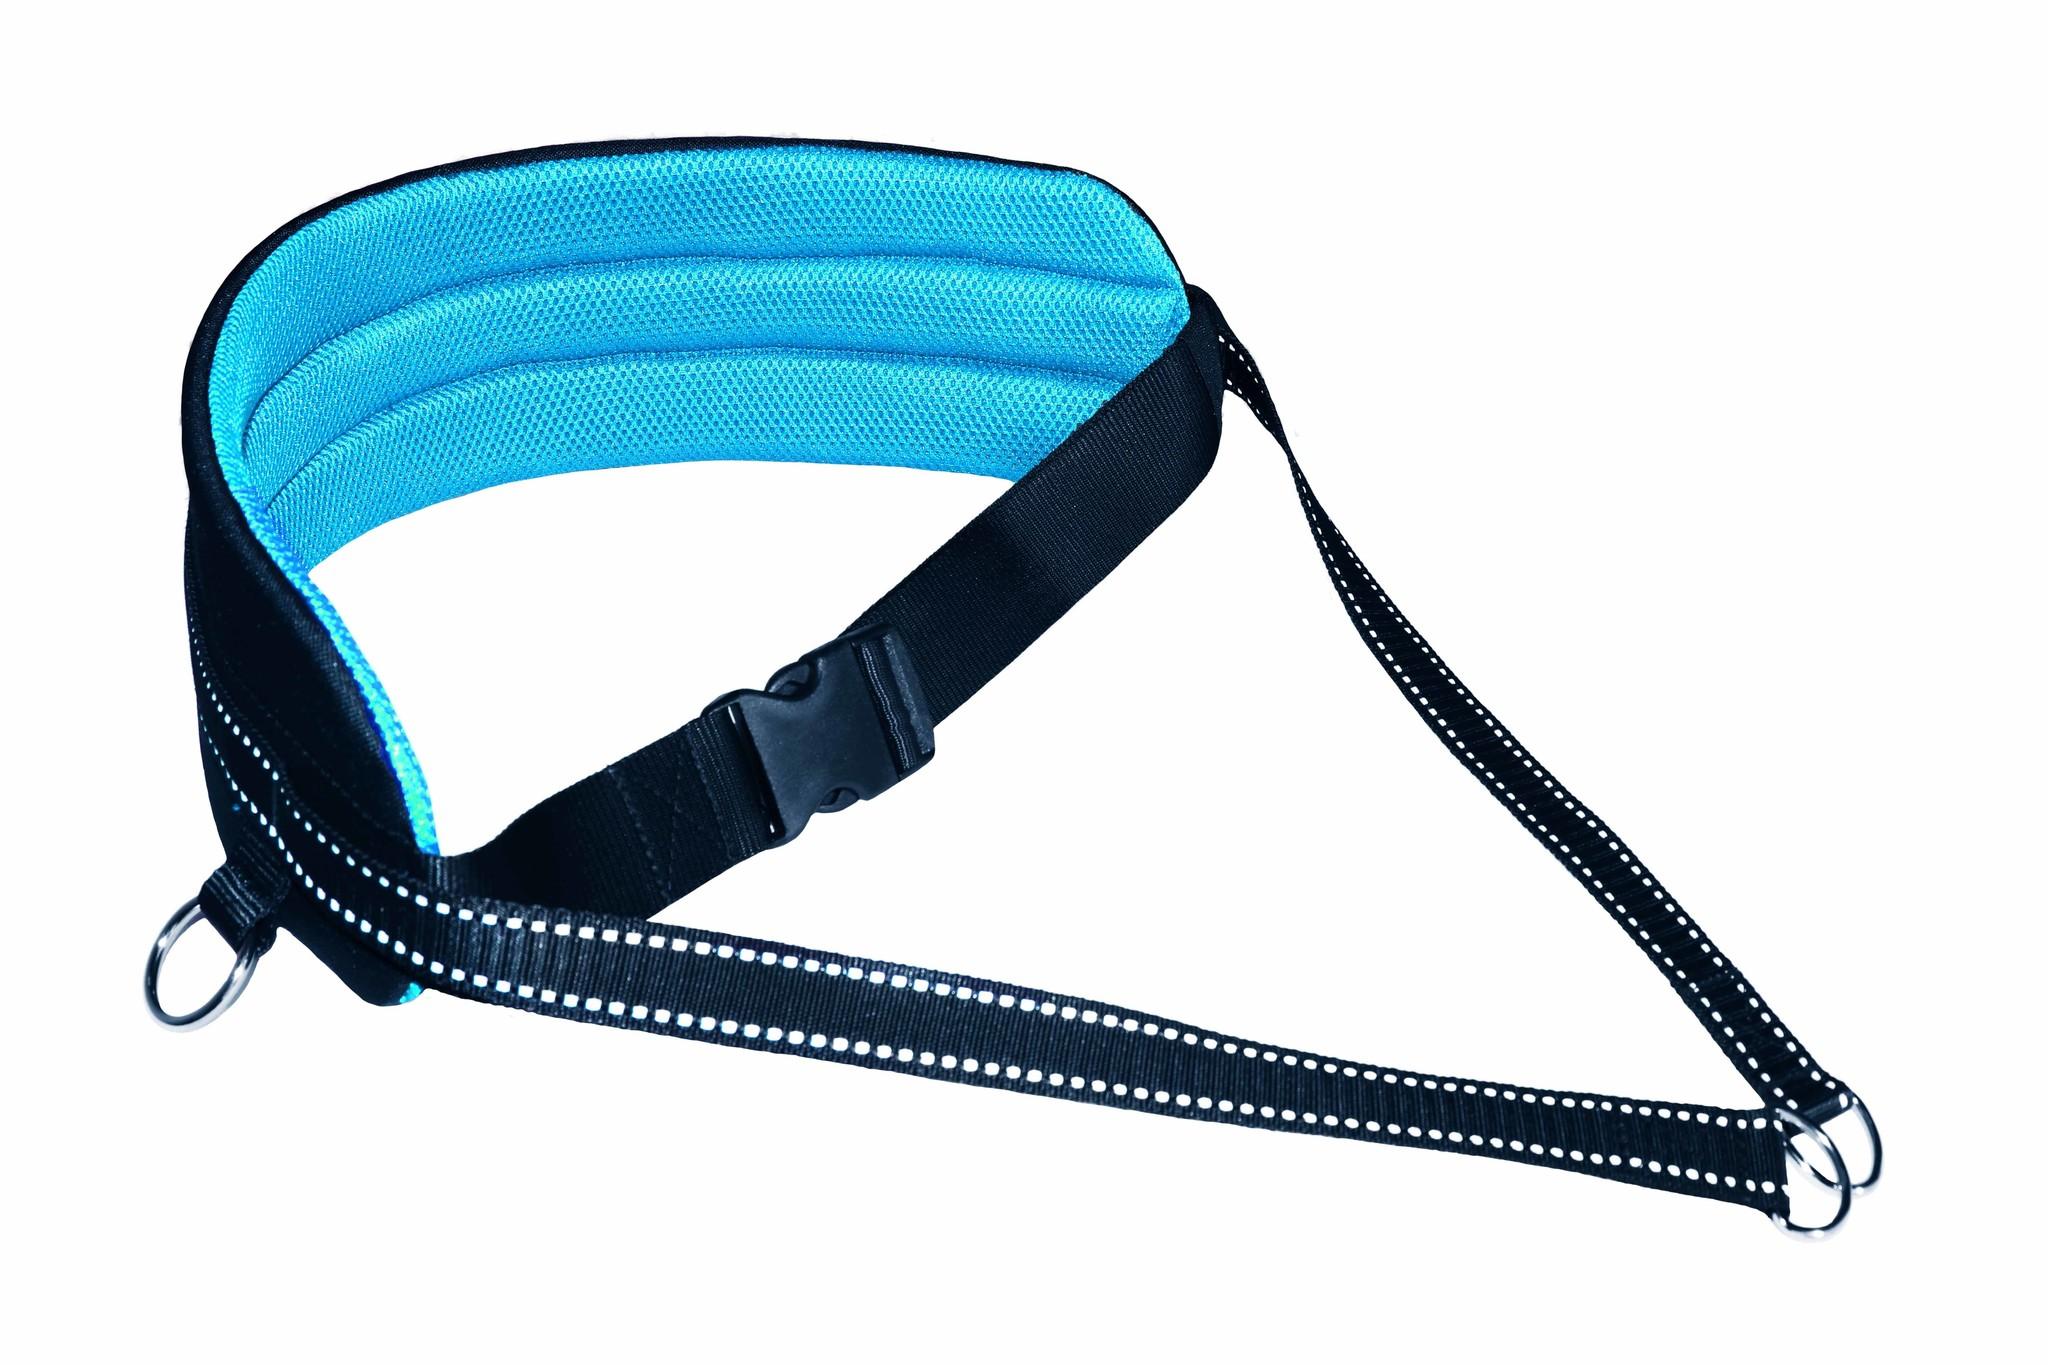 LasaLine Mains-libres chien marchant Courir jogging Ceinture -bleu clair/noir - FBA